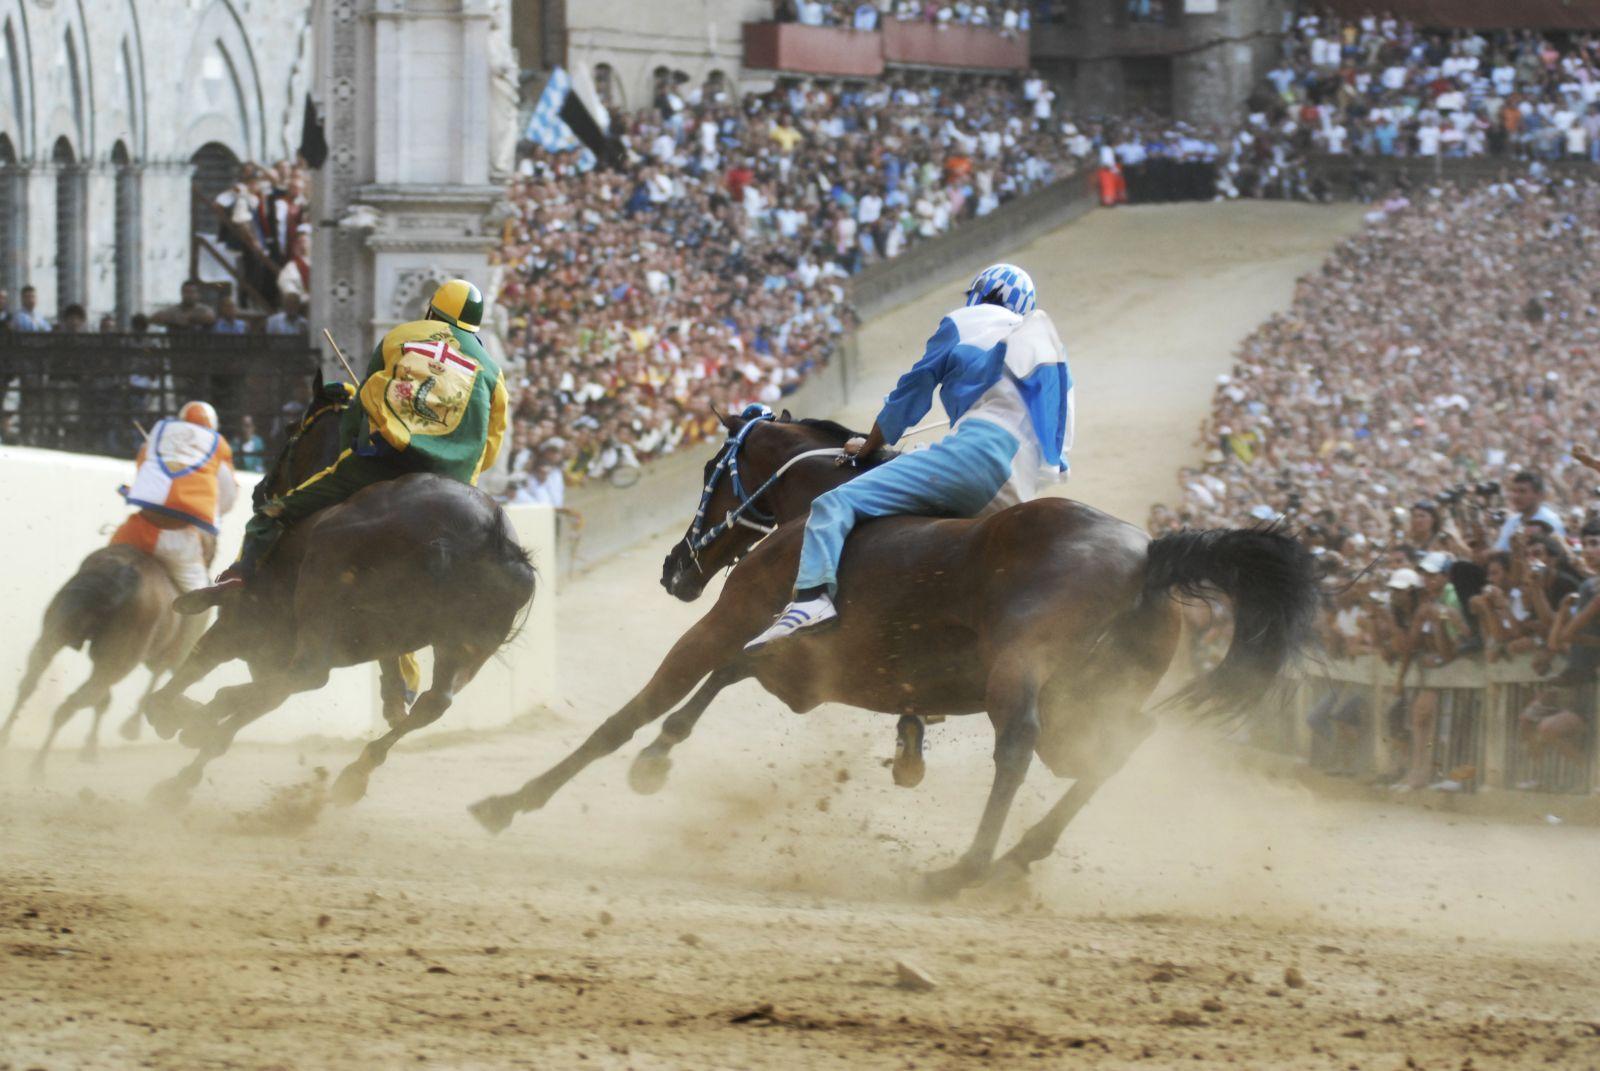 Anche a Firenze si correva un Palio, anzi 10! I cugini senesi hanno il celebre Palio di Siena, noi ne correvamo addirittura 10. Storia delle corse di cavalli (e non solo) che si svolgevano nel Medioevo a Firenze.